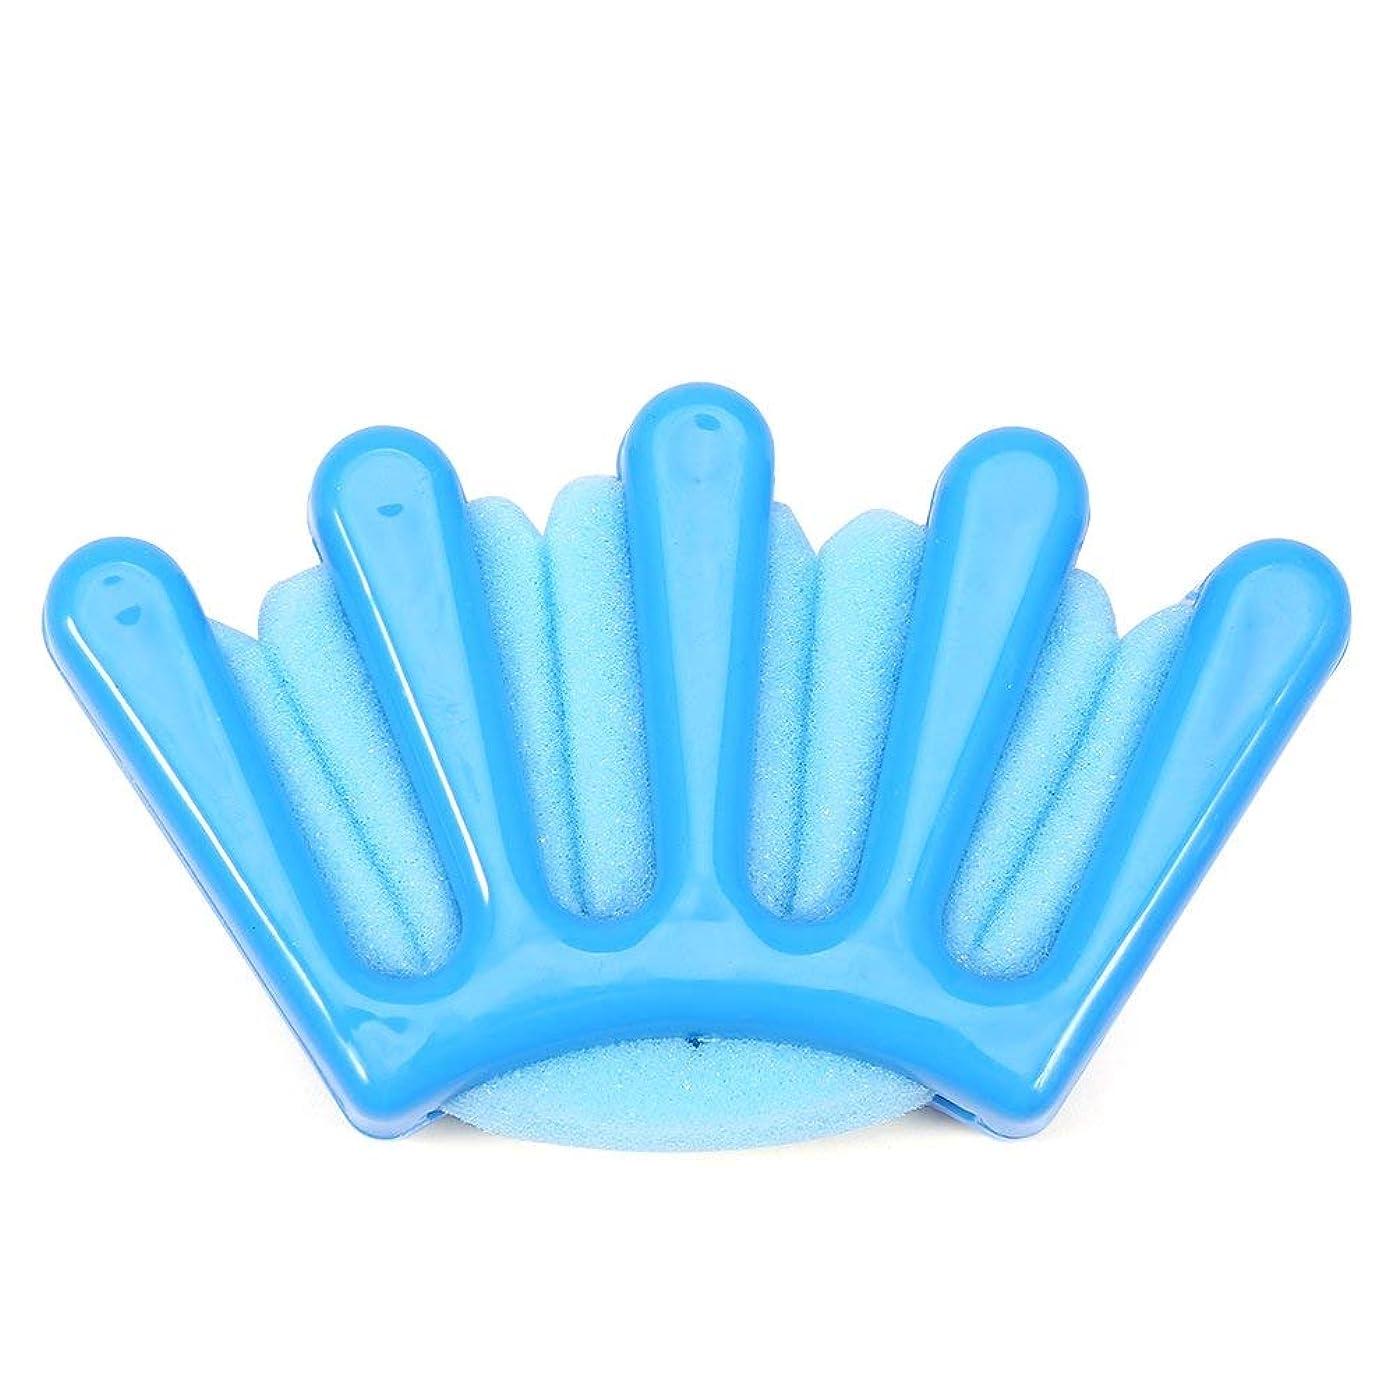 武器ハムローラーMercuryGo 2色ポータブルローラーヘアスタイリングツールDIY花嫁ヘアブレイダーツイストブレイドメーカー(レッド) (ブルー)